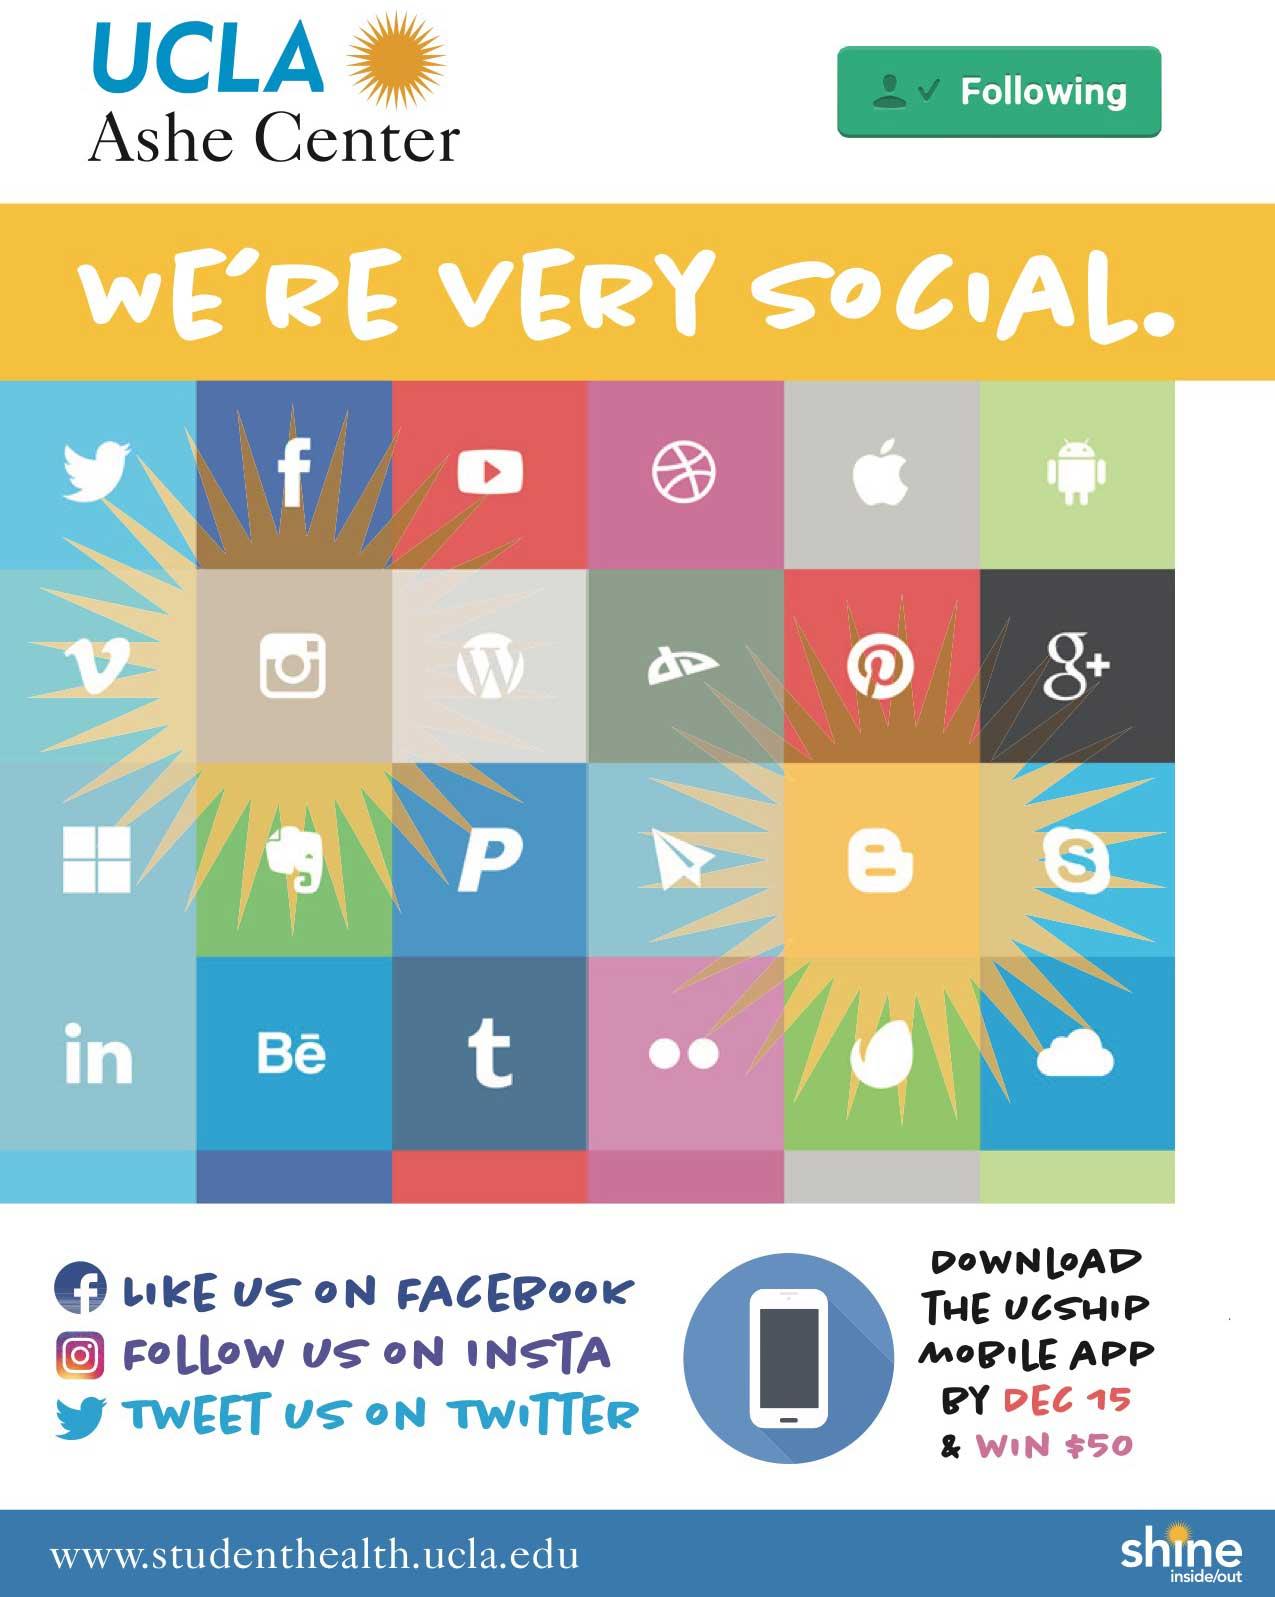 Ashe Center Social Media